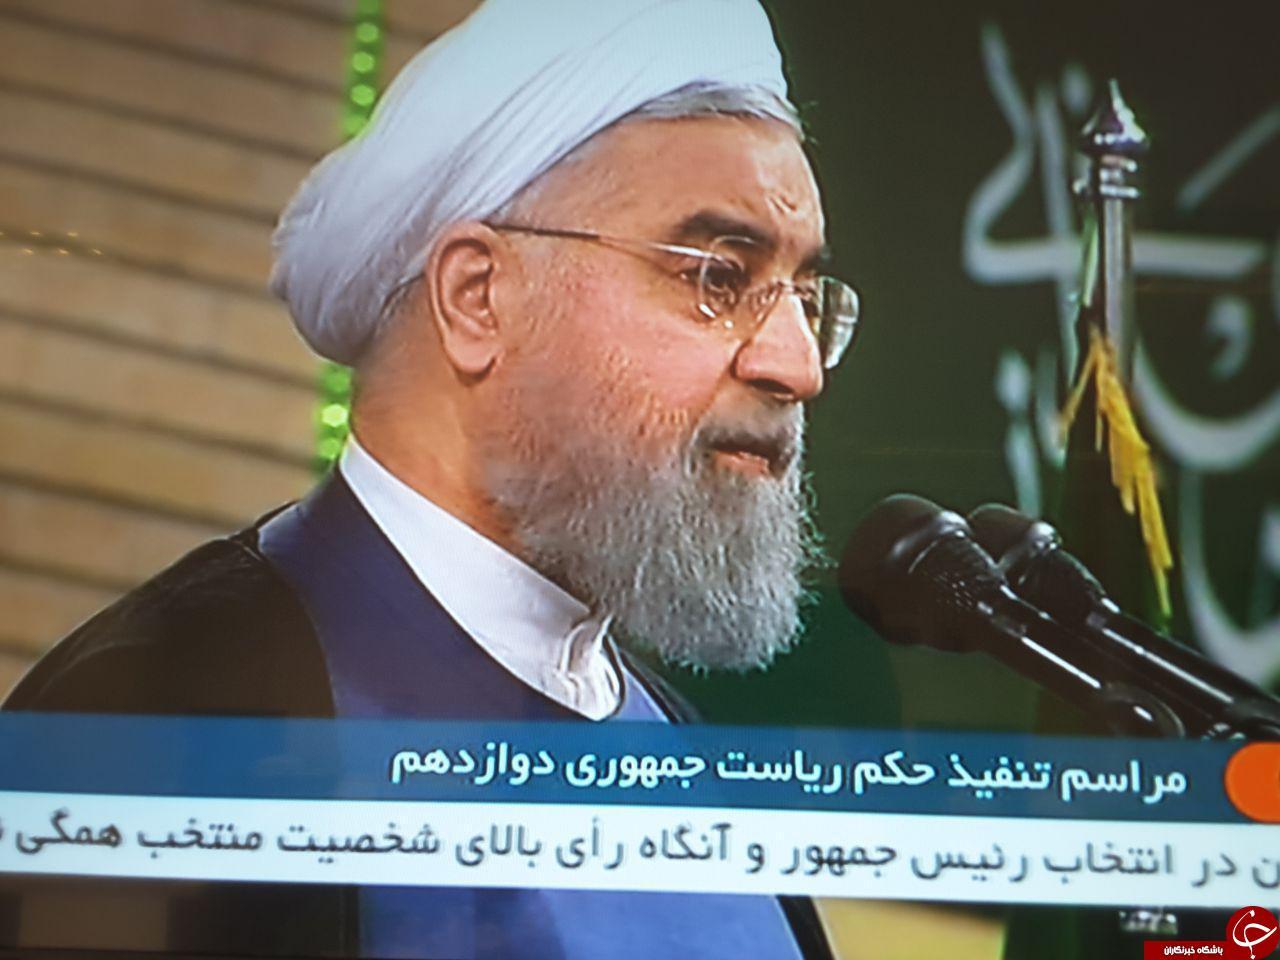 تصاویر حاشیه ای مراسم تنفیذ ؛ از بغض رئیس جمهور تا حضور عباس جدیدی و دختر روحانی